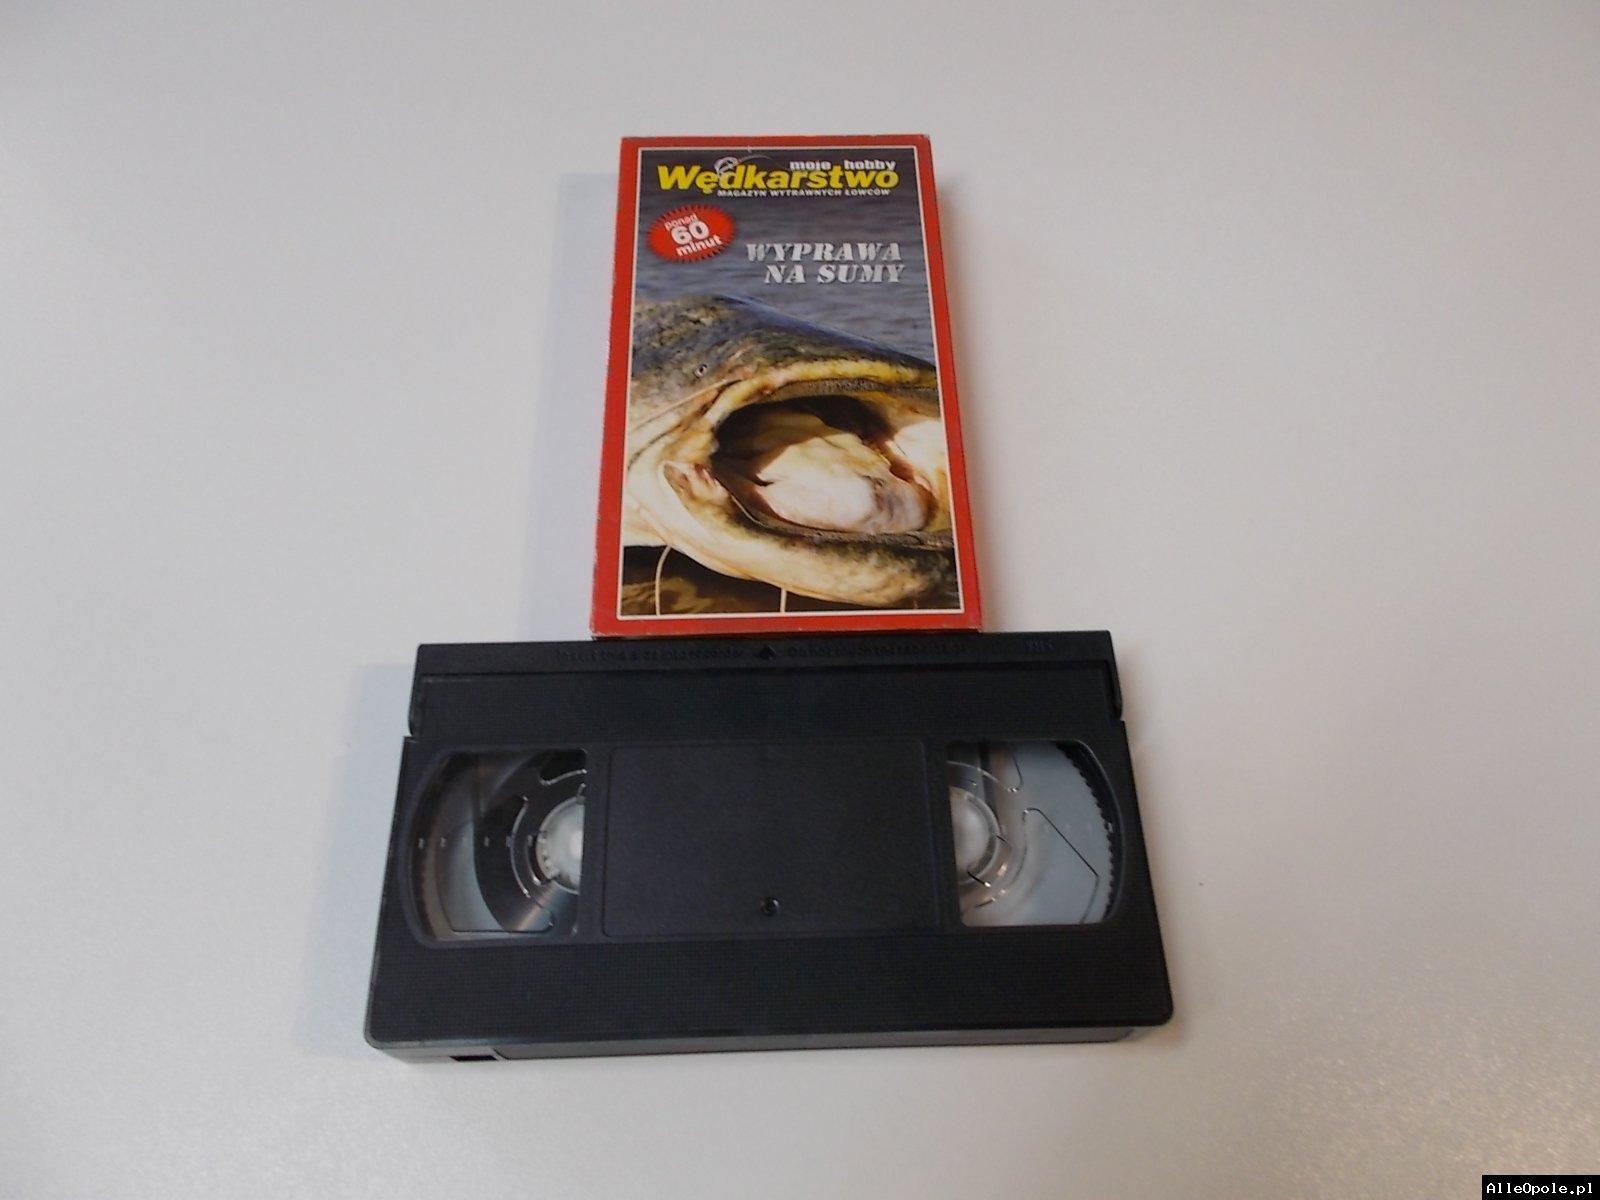 WĘDKARSTWO WYPRAWA NA SUMY - VHS Kaseta Video - Opole 1695